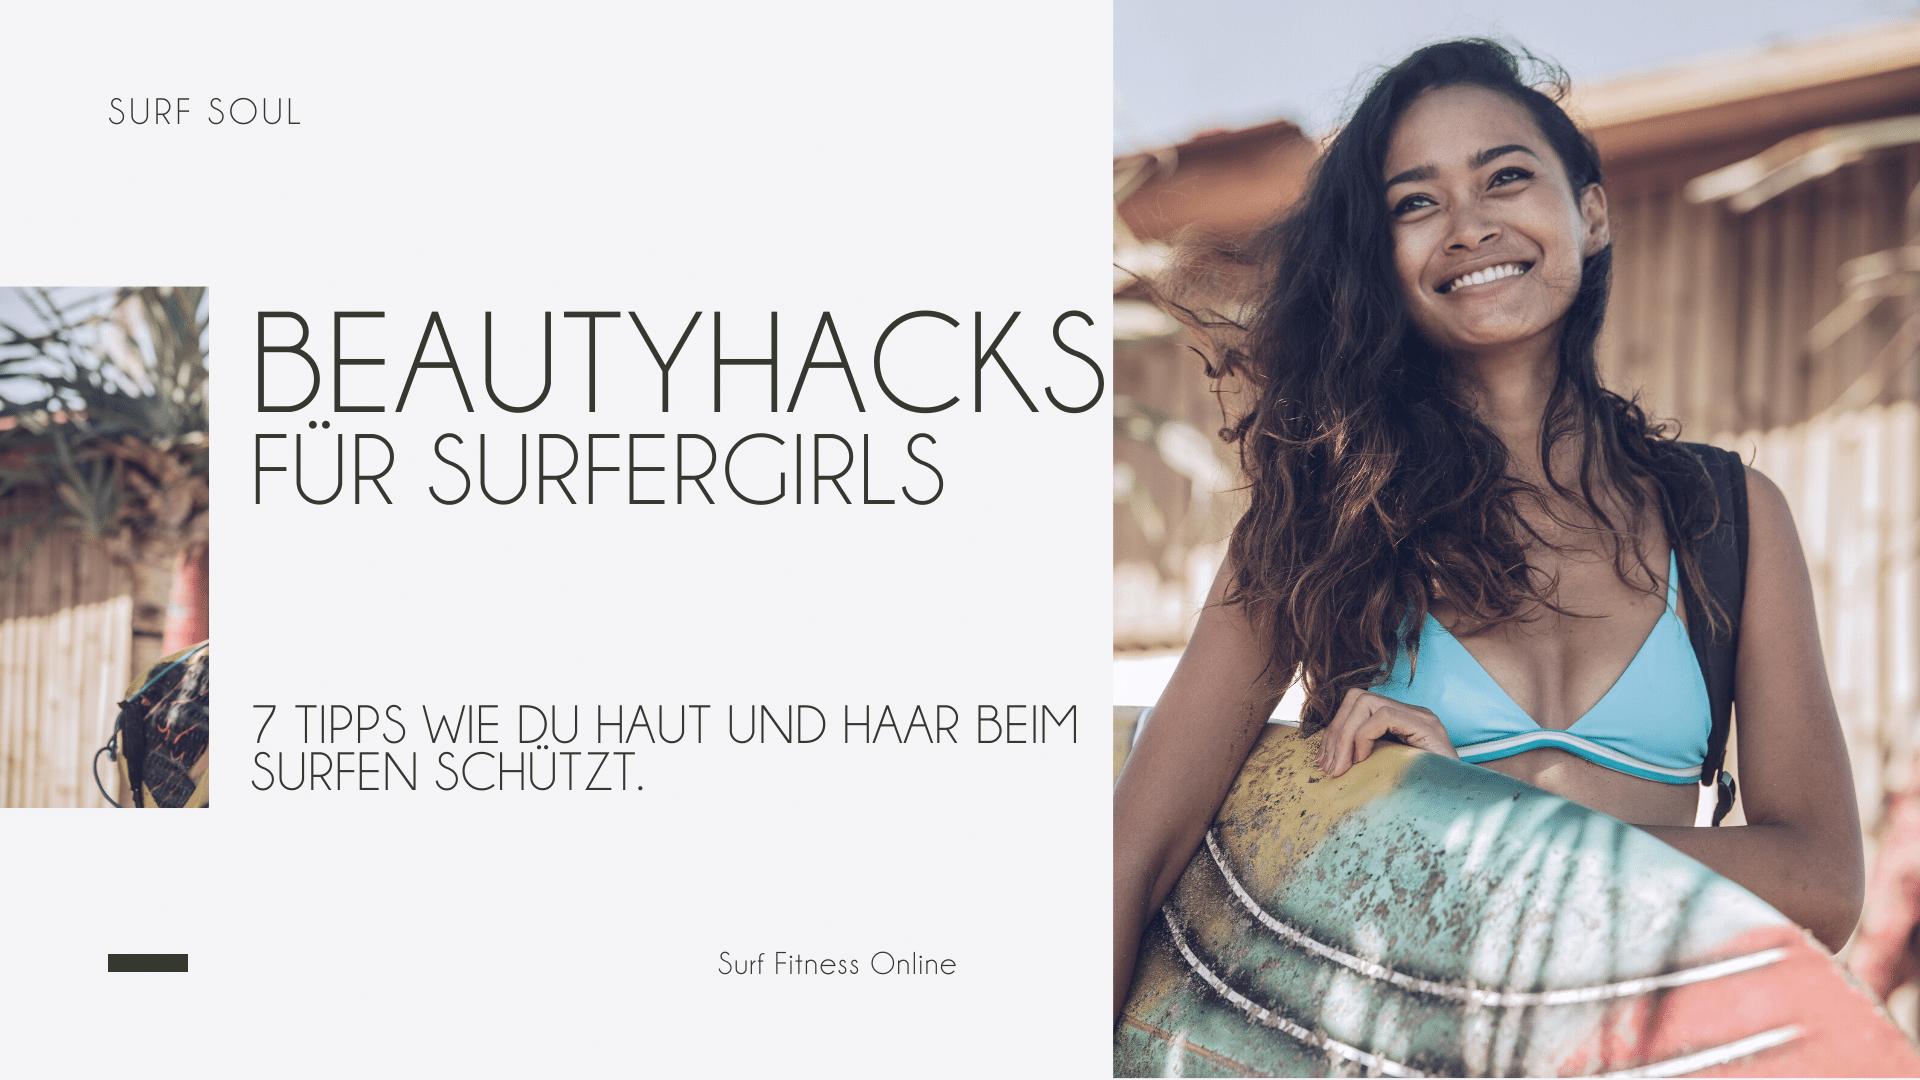 Beautyhack für Surfergirls